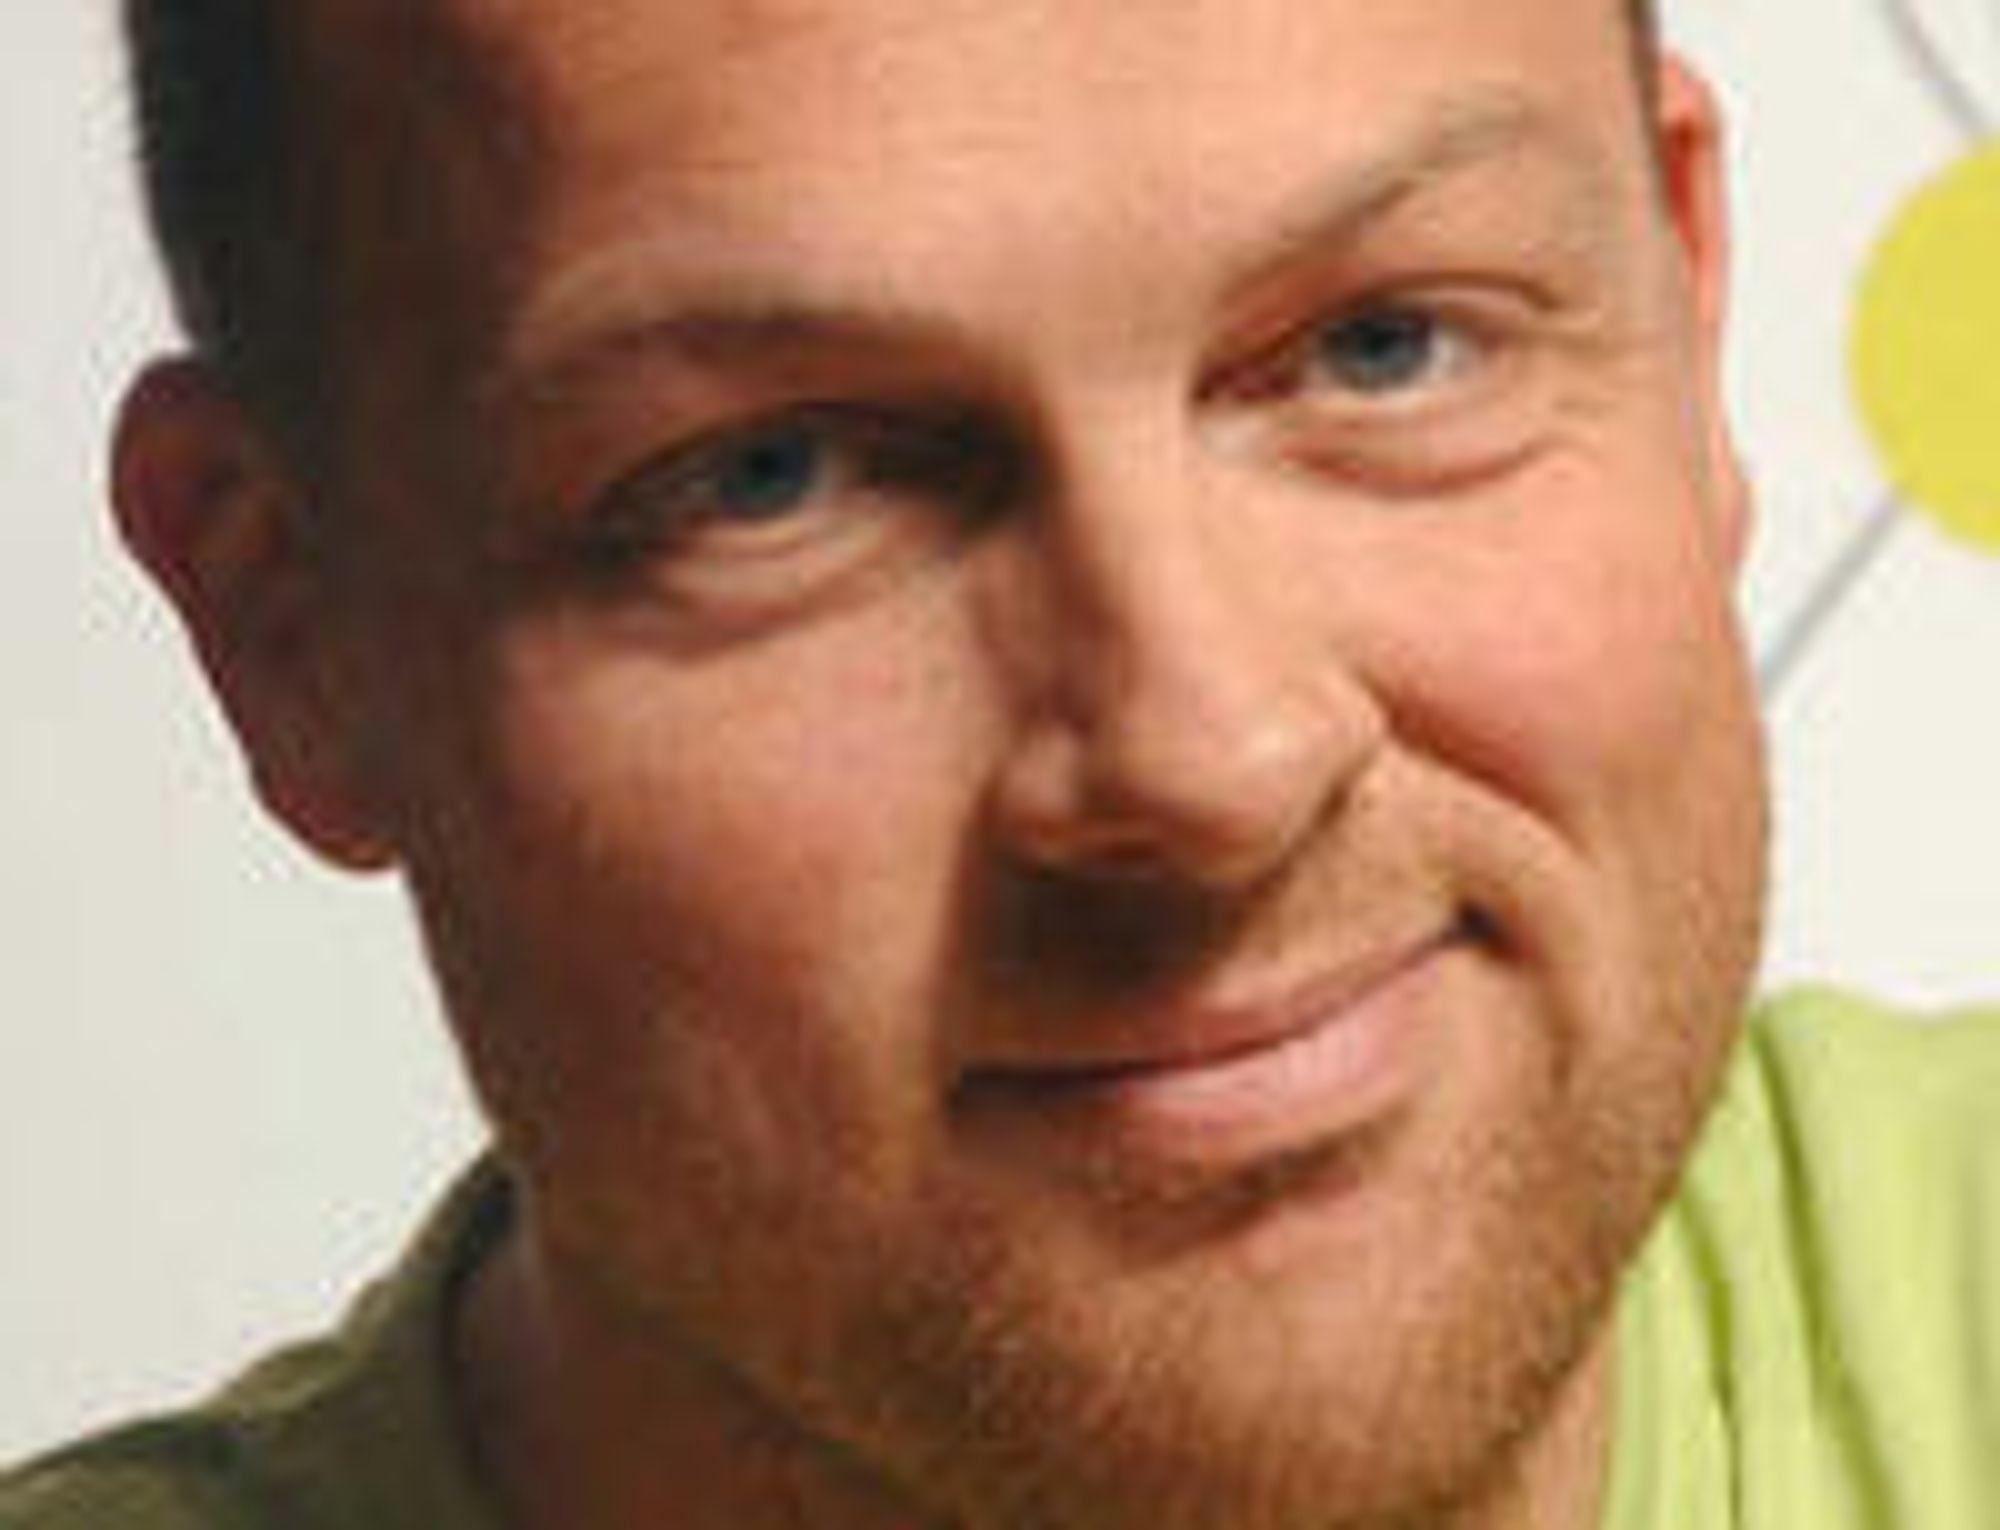 - Kommunens påstand er latterlig, sier konstituert leder Christer Gundersen i Friprogsenteret